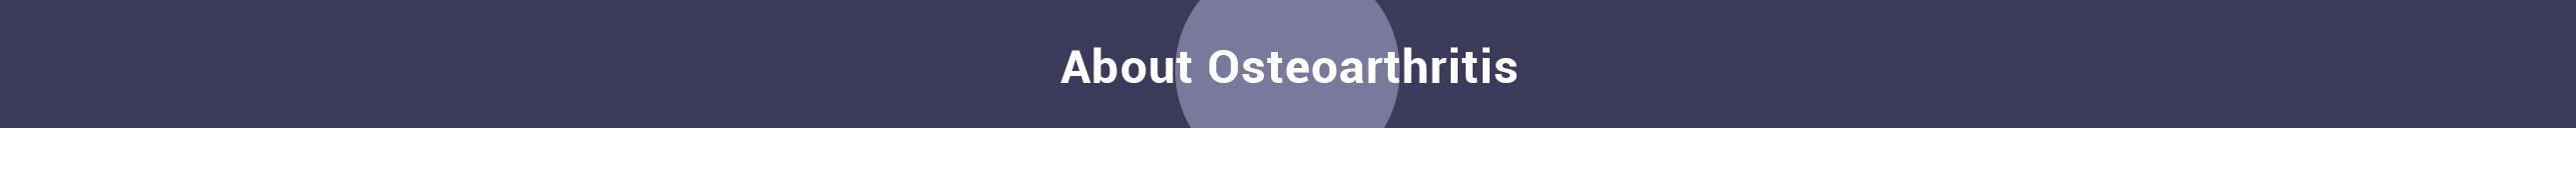 AboutOsteoarthritis-Slider-5